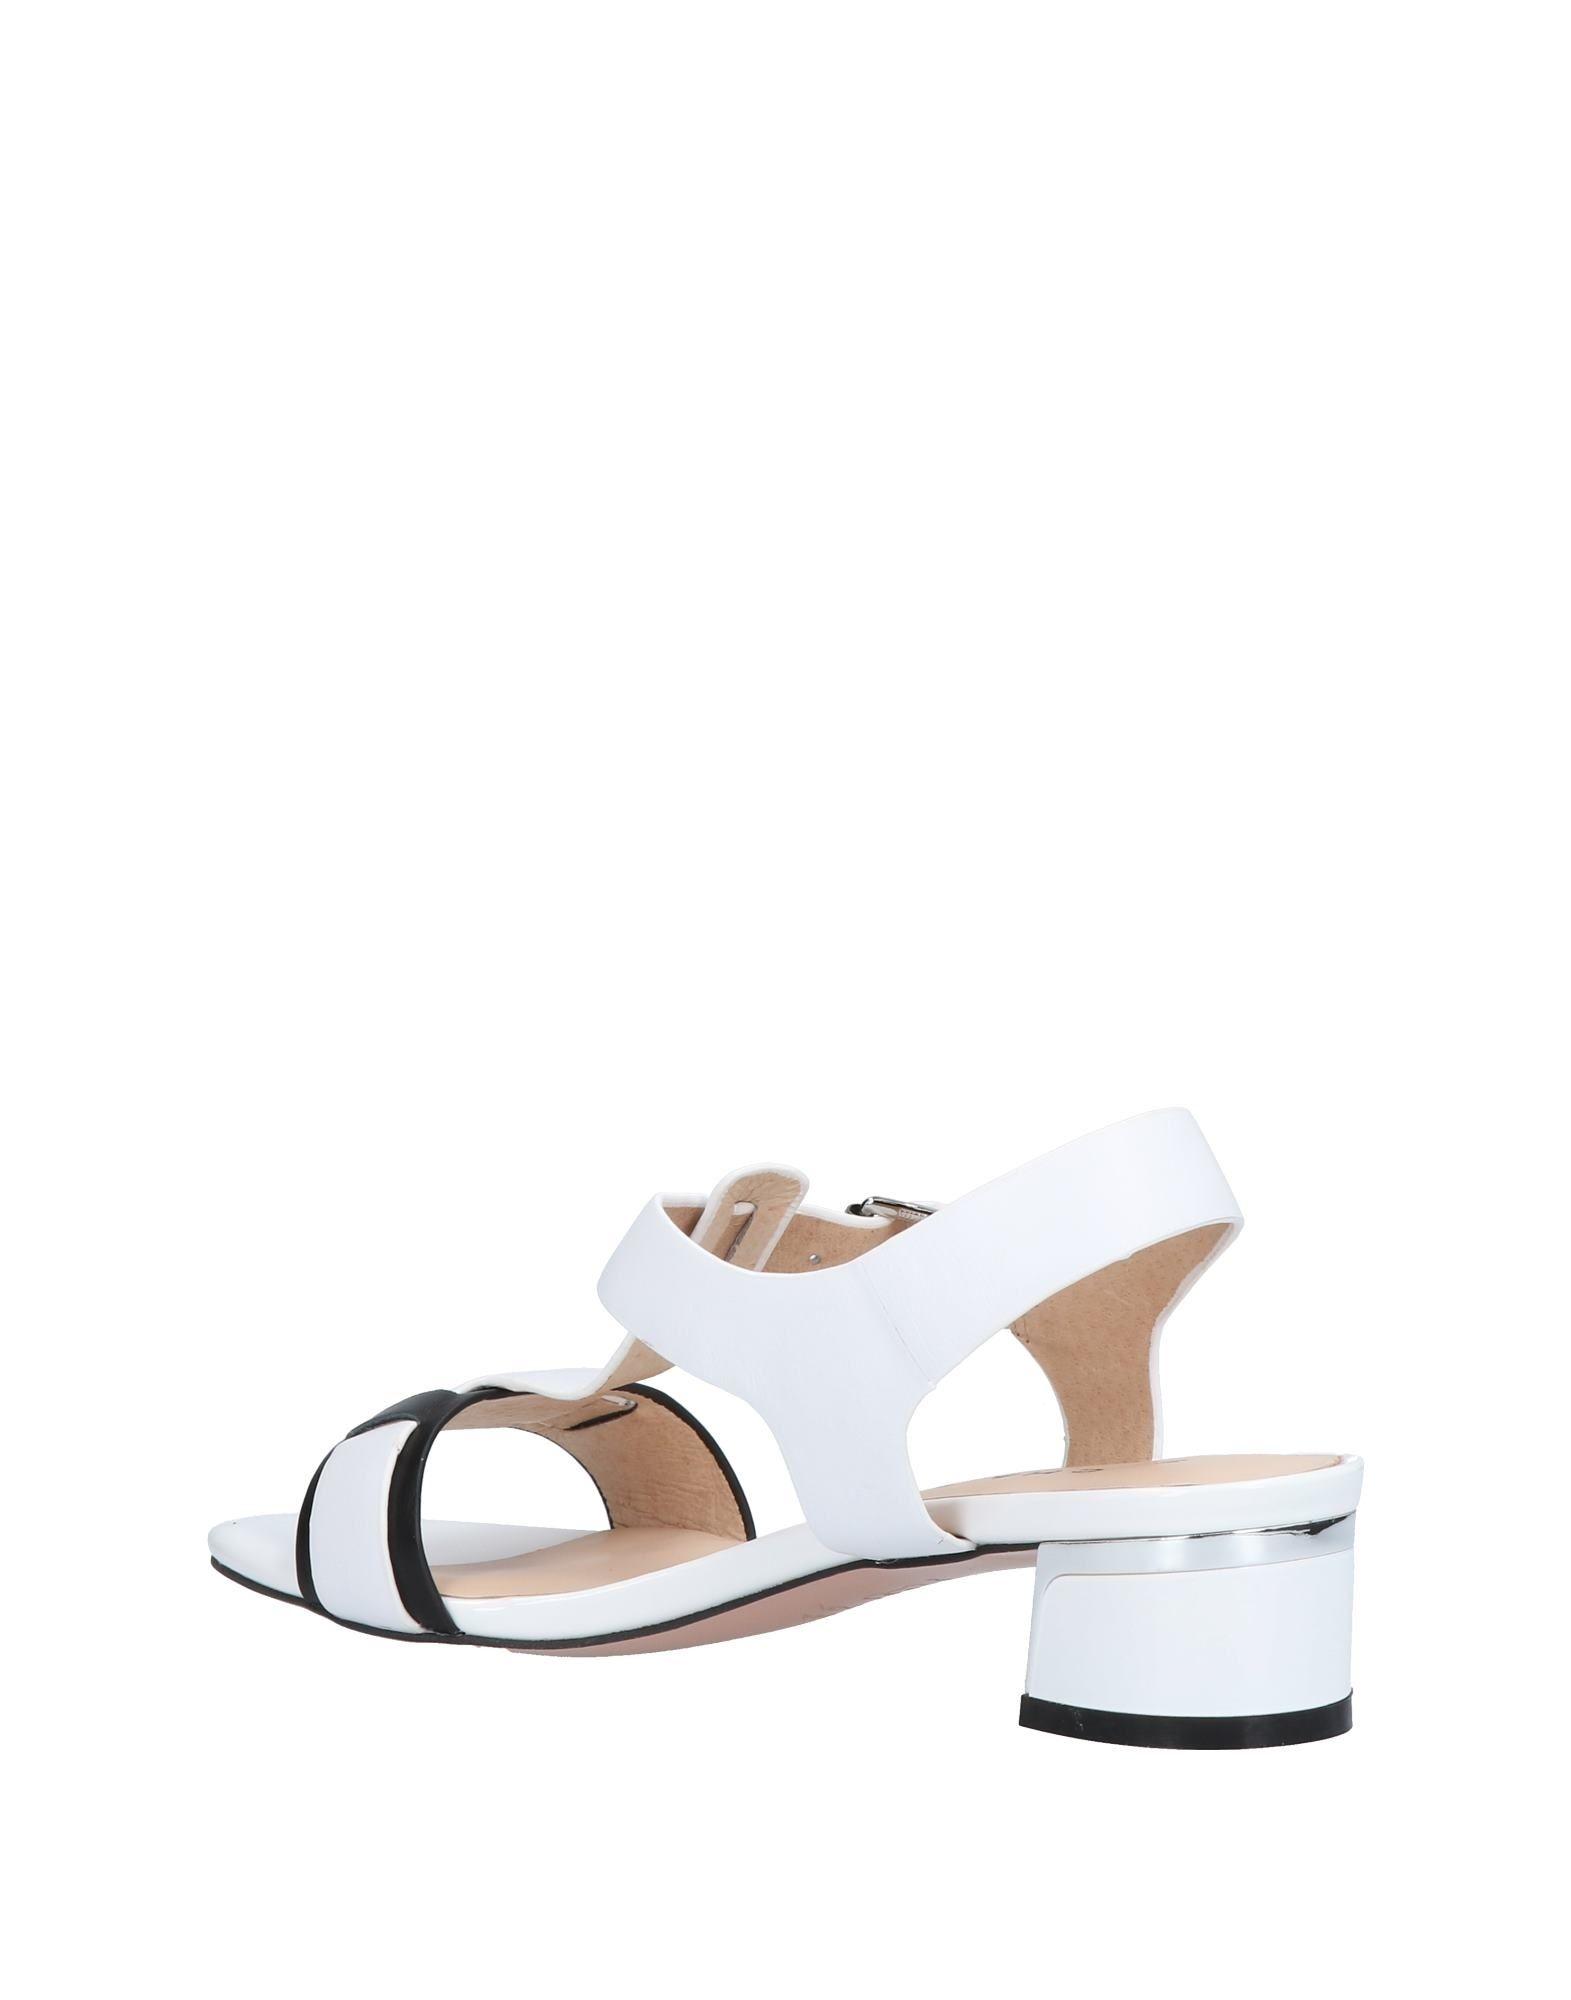 Sacha London Sandalen Damen  11429187IP Gute Qualität beliebte beliebte beliebte Schuhe d40510